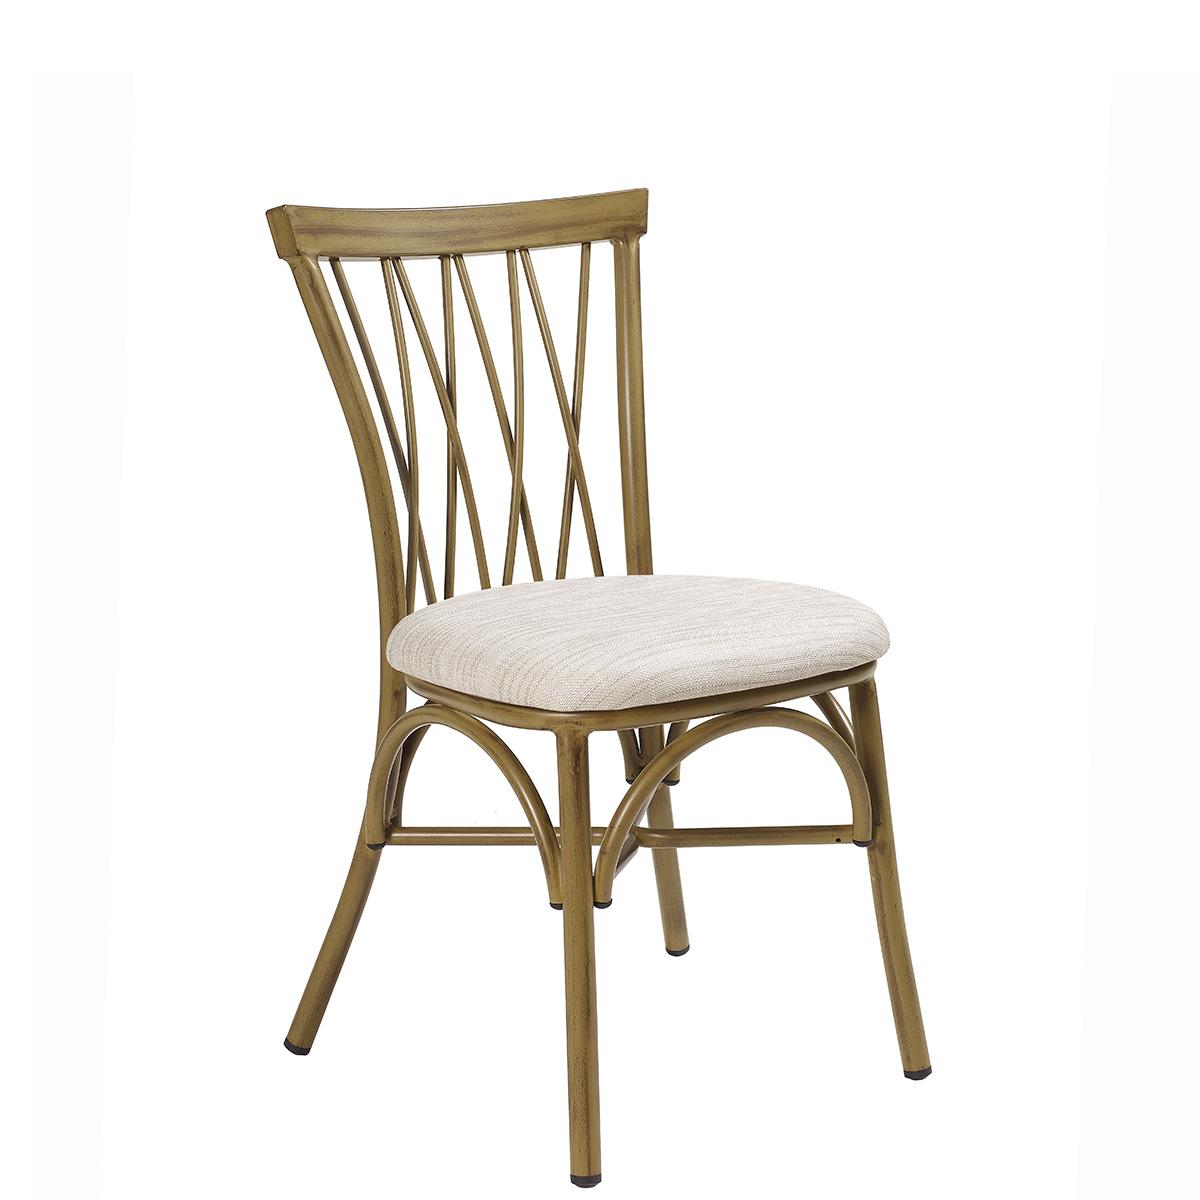 monet-silla-deco-bambu-asinto-tapizado-indiana